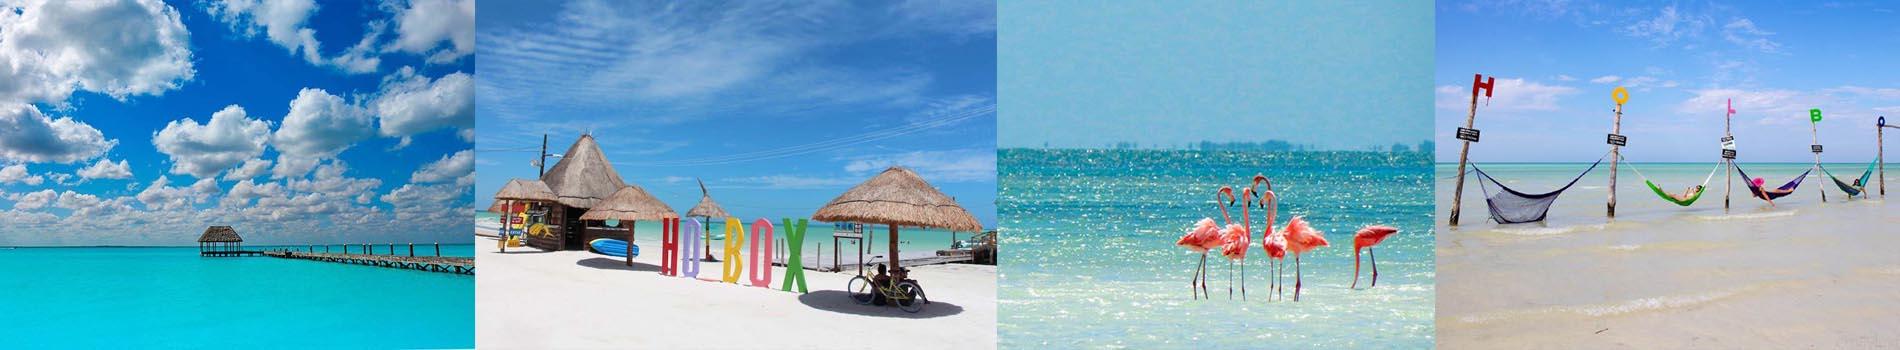 tour a holbox desde cancun